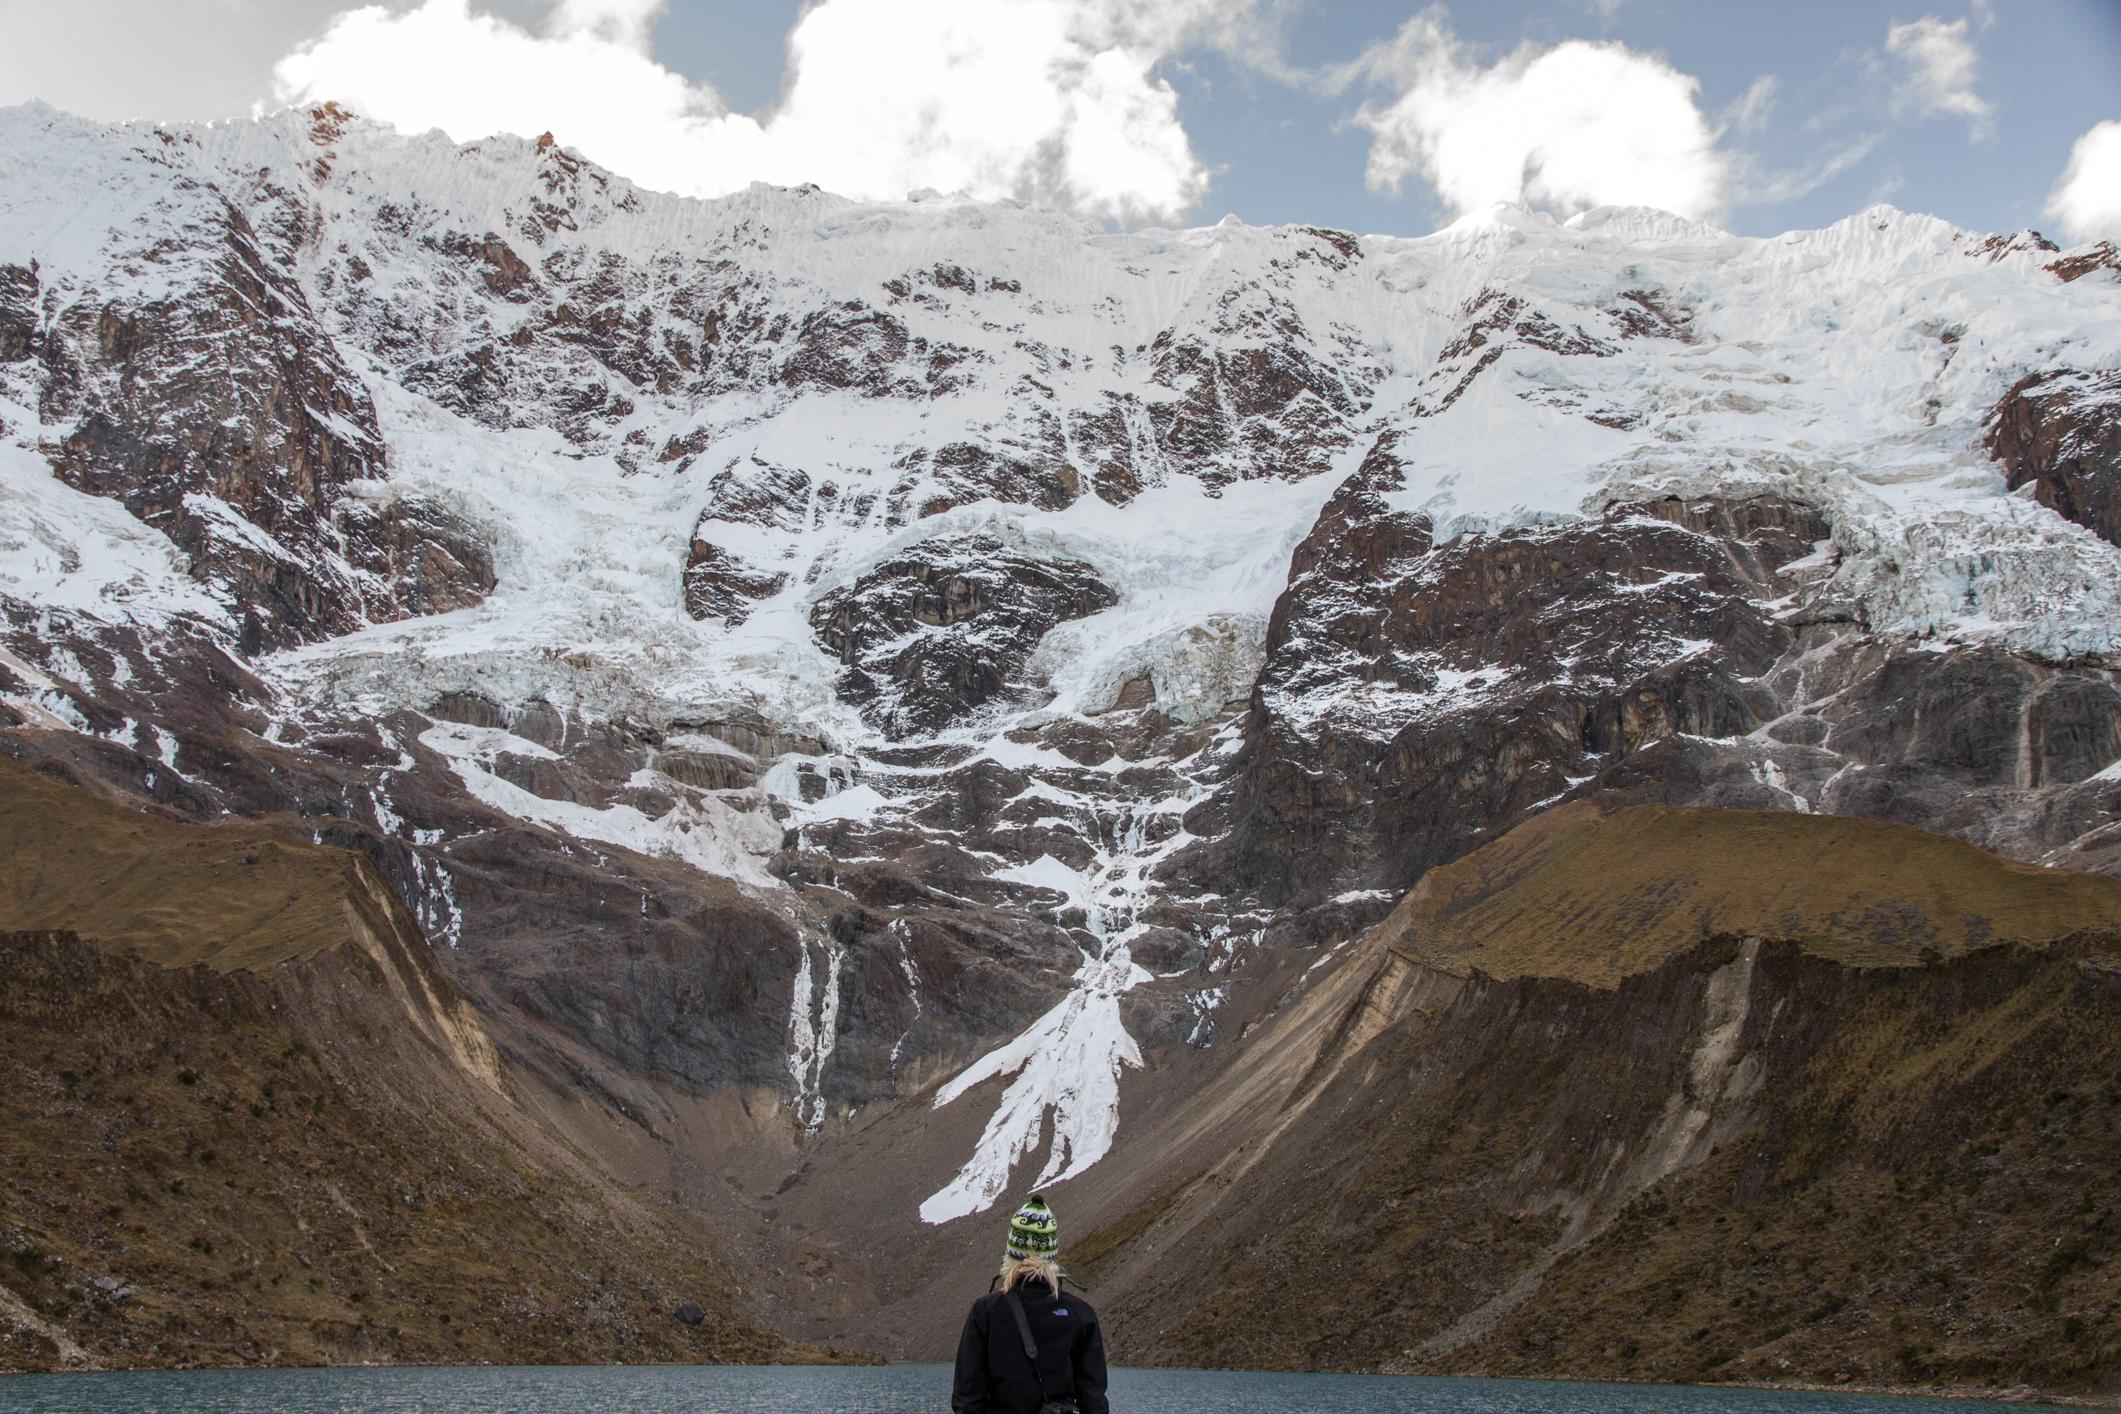 Christian-Schaffer-Peru-Salkantay-Mountain-Trek-001.jpg